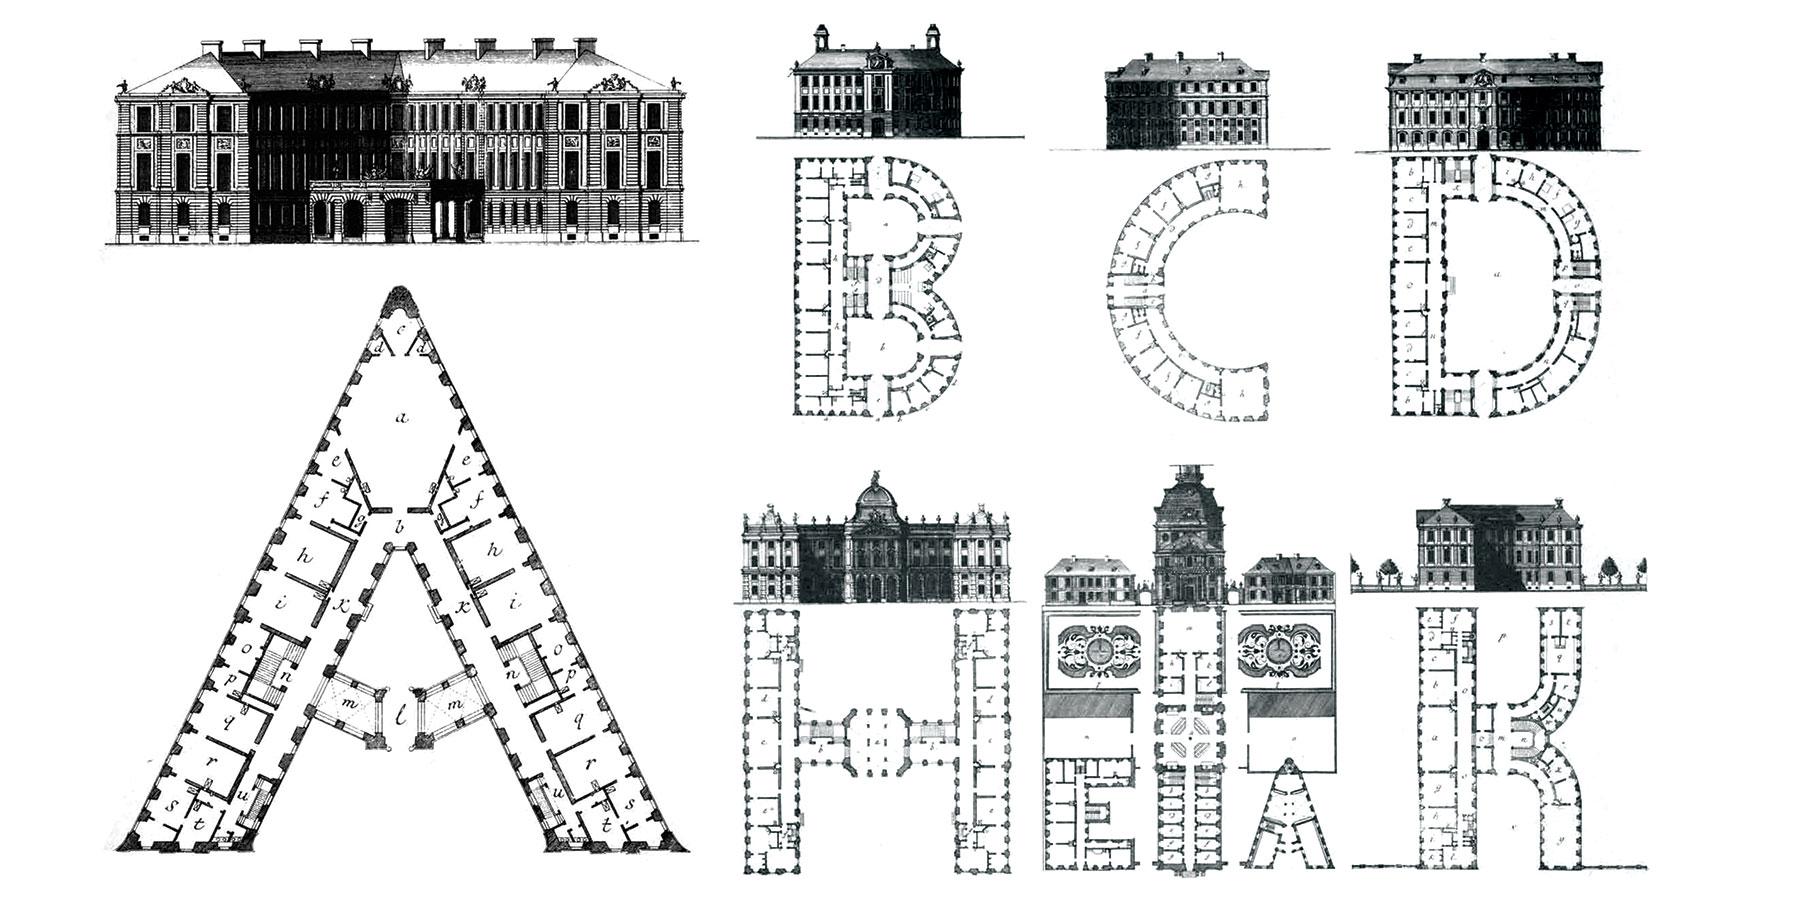 Architectural-alphabet-Johann-David-Steingruber-1773-01